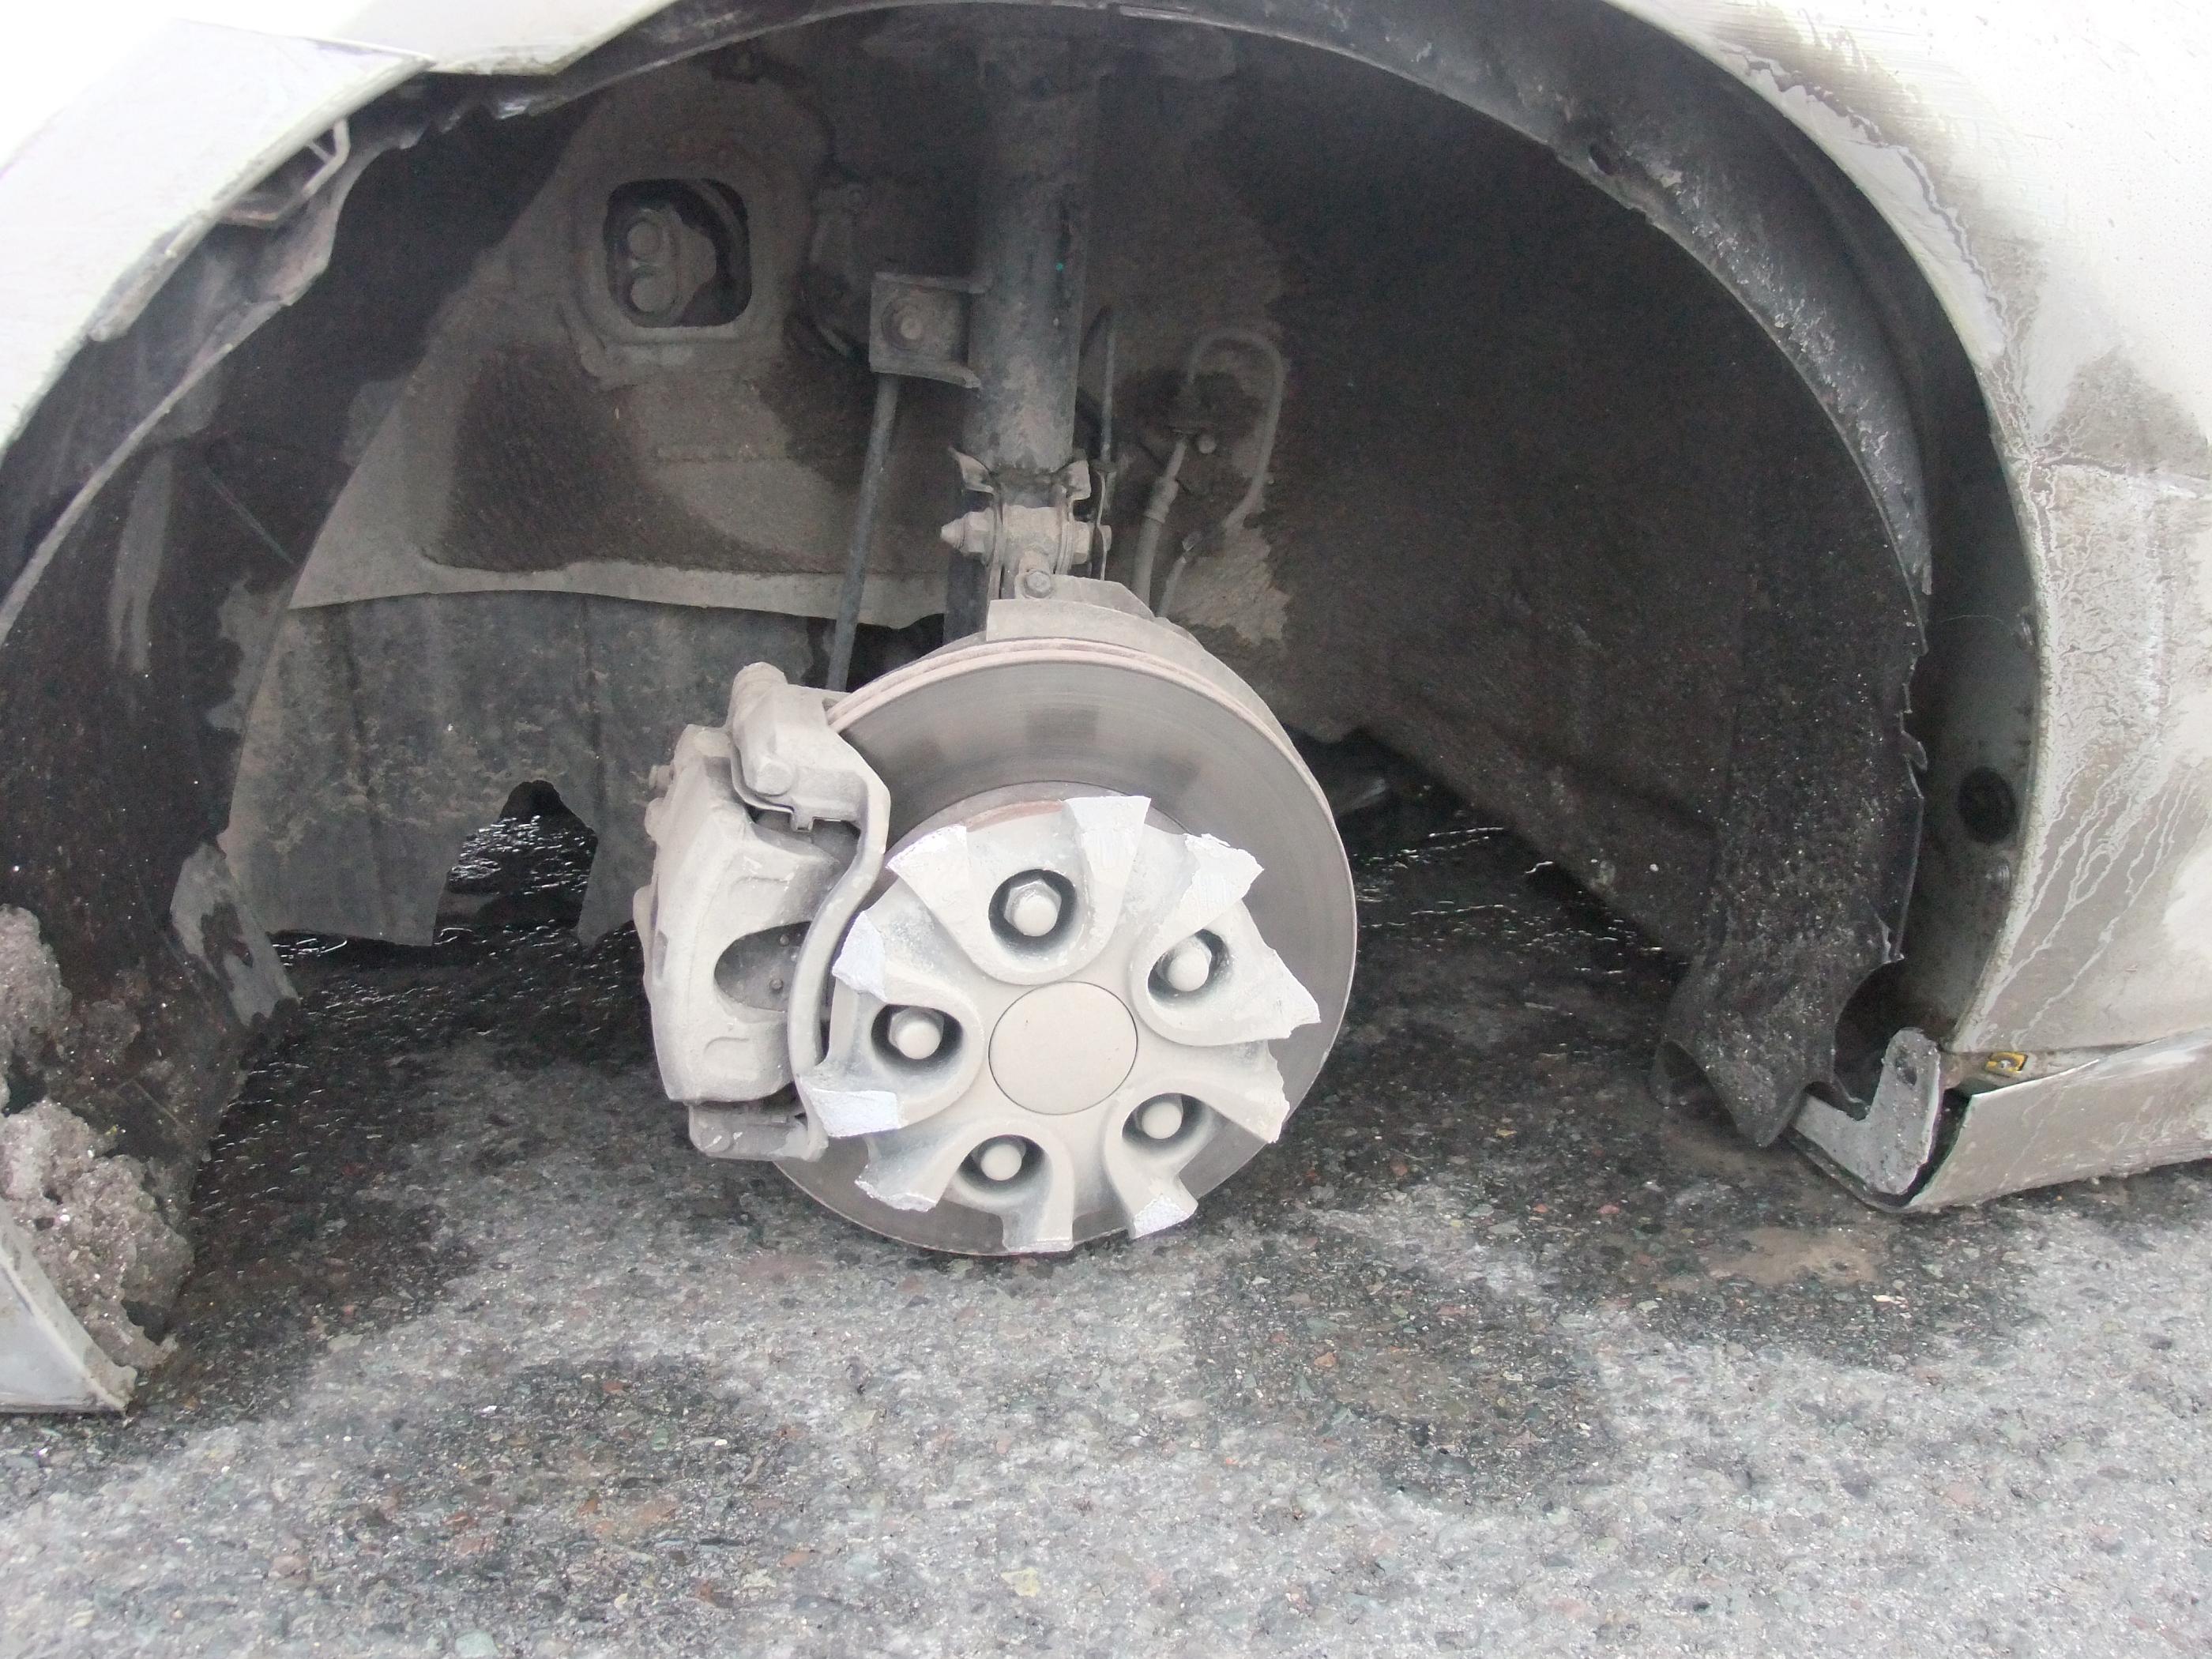 起亚k5汽车轮毂断裂 无人问津高清图片